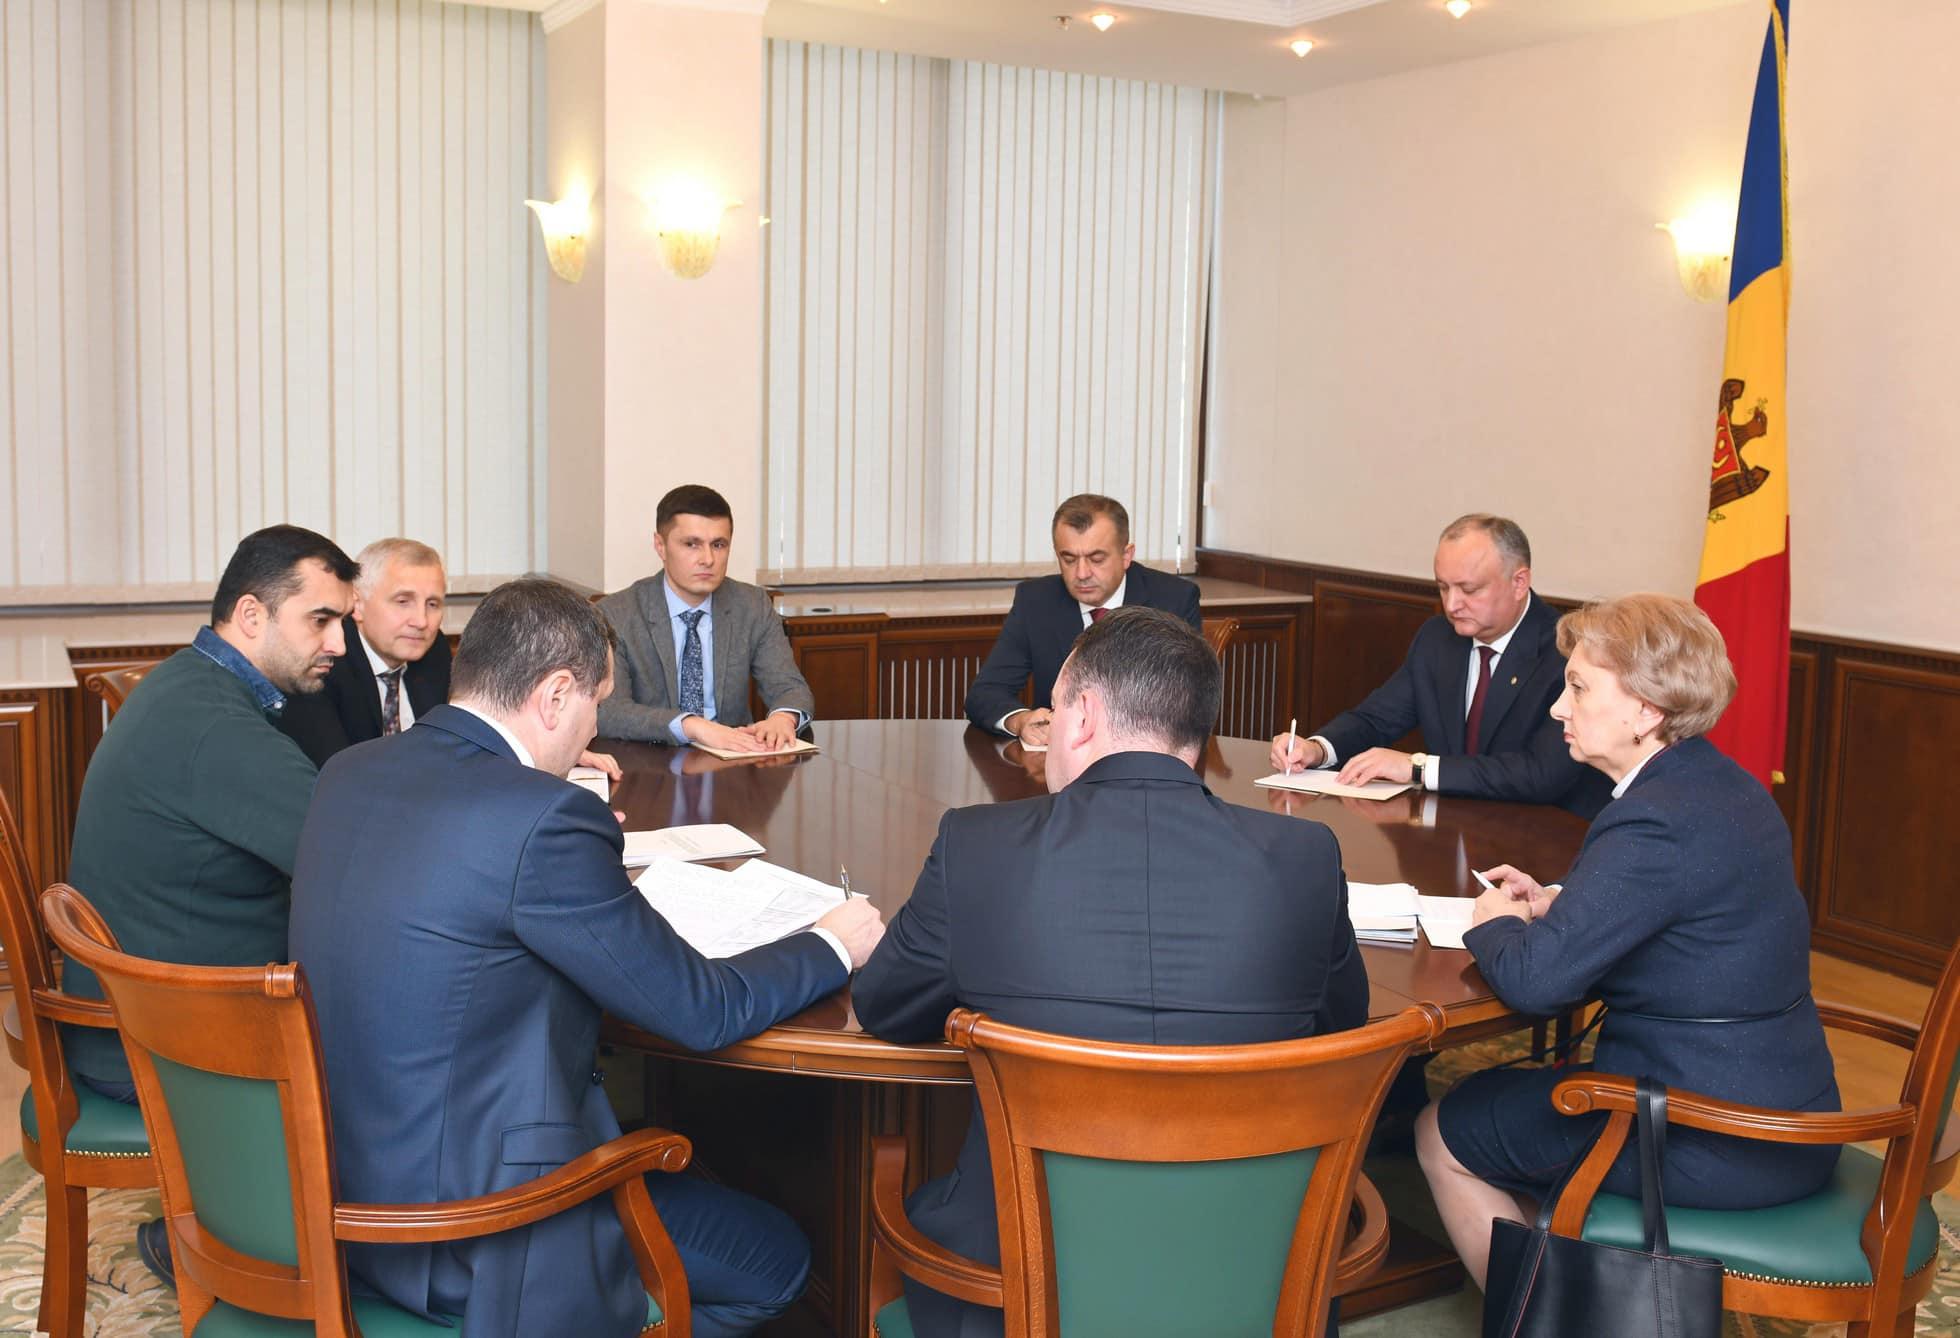 Президент, спикер и премьер провели совещание: о чем шла речь (ФОТО, ВИДЕО)